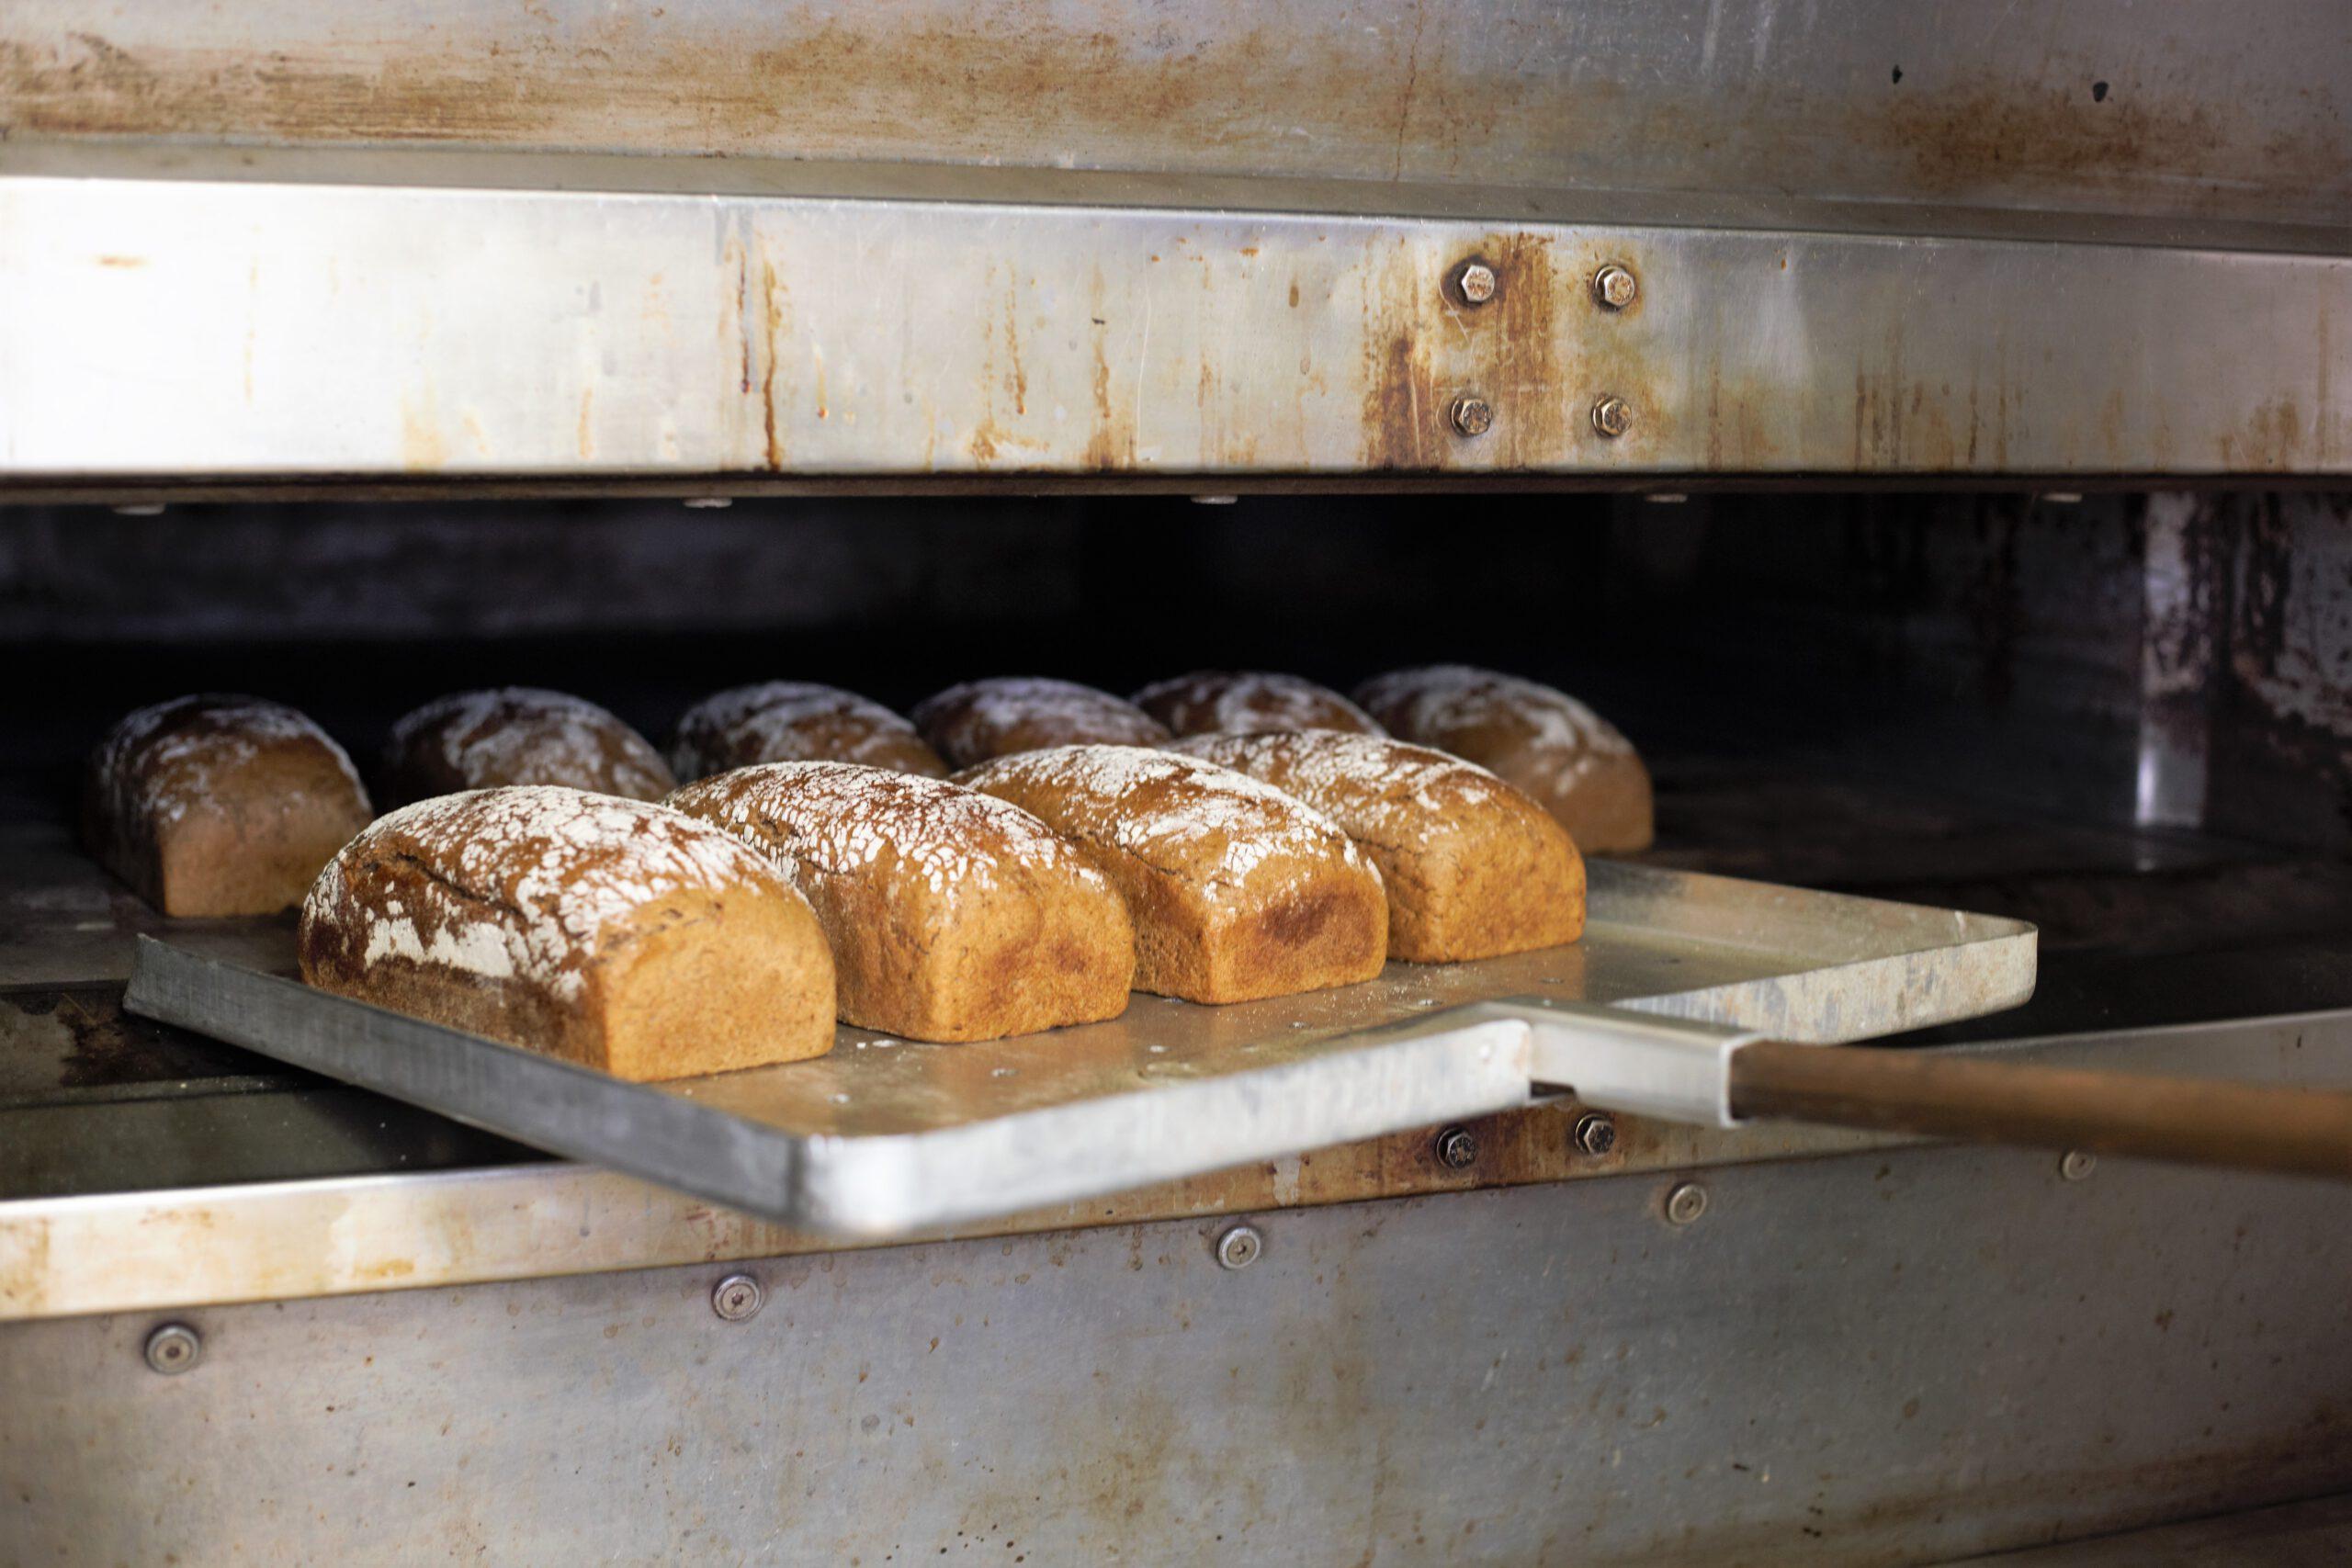 Das ist dem Bäckermeister extrem wichtig: Immer frische Produkte für den Kunden.